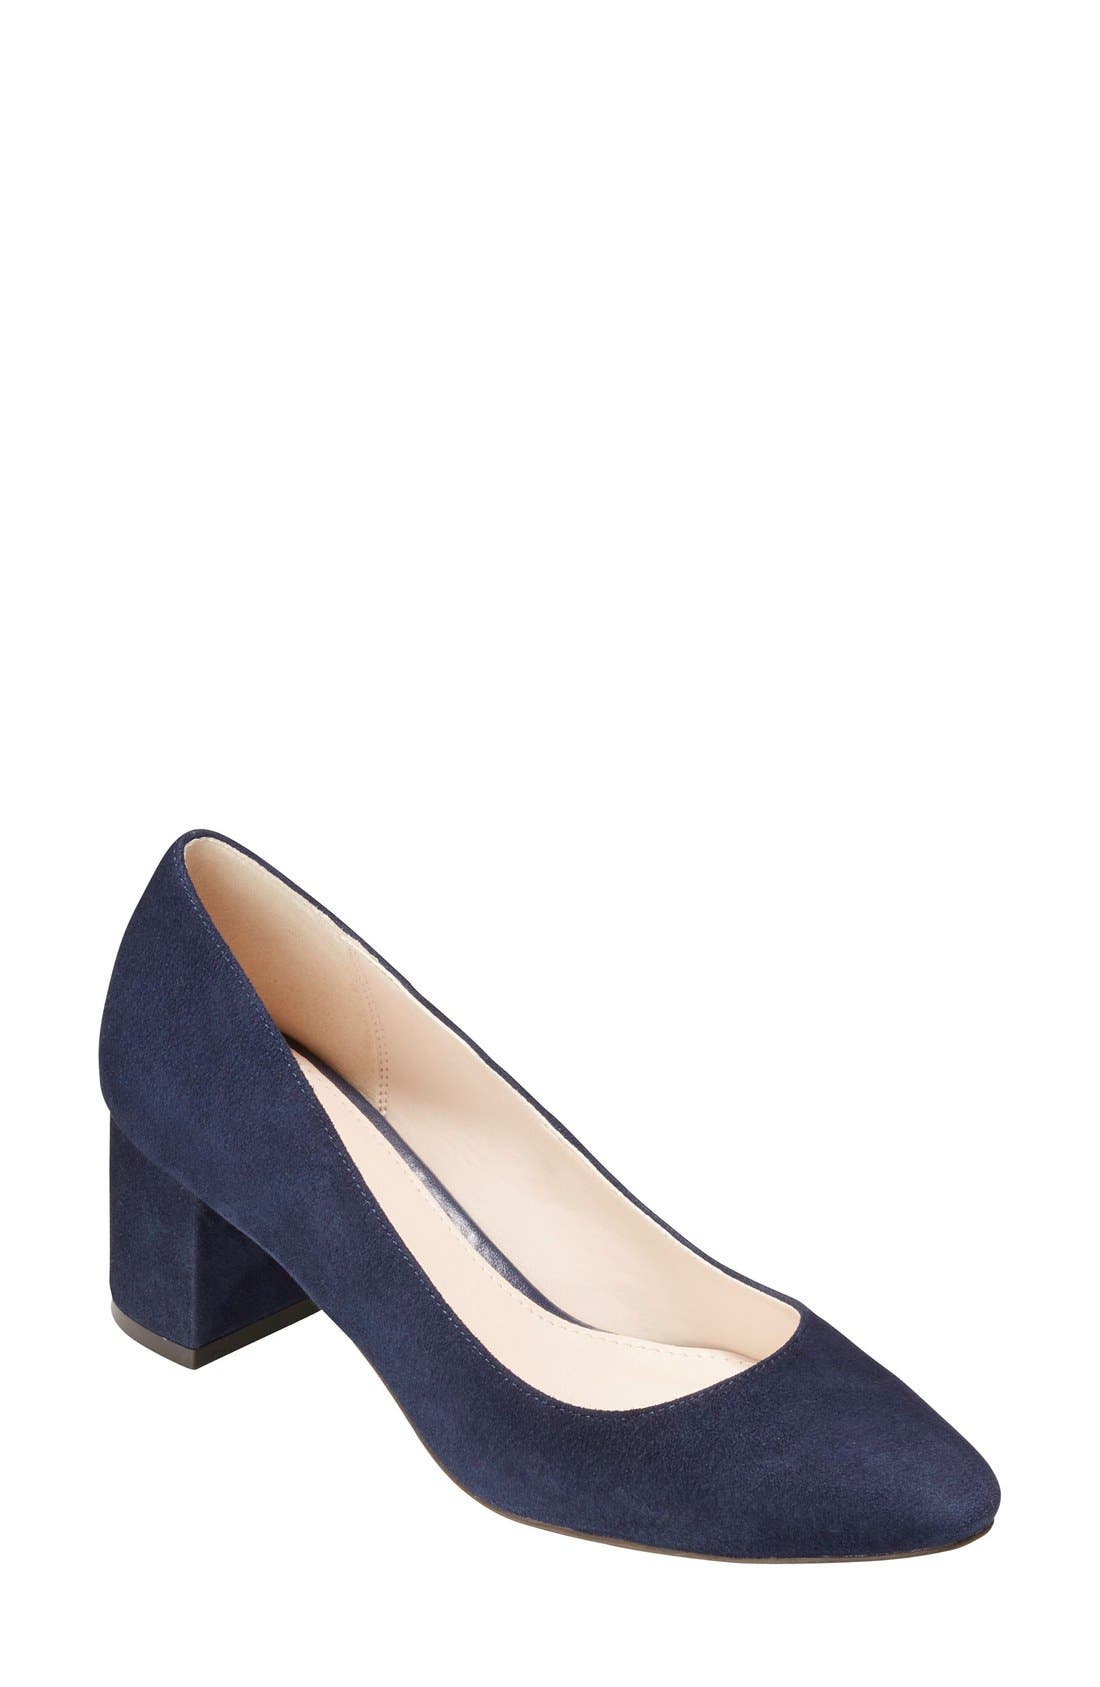 Navy Blue Block Heel Shoes Ha Heel